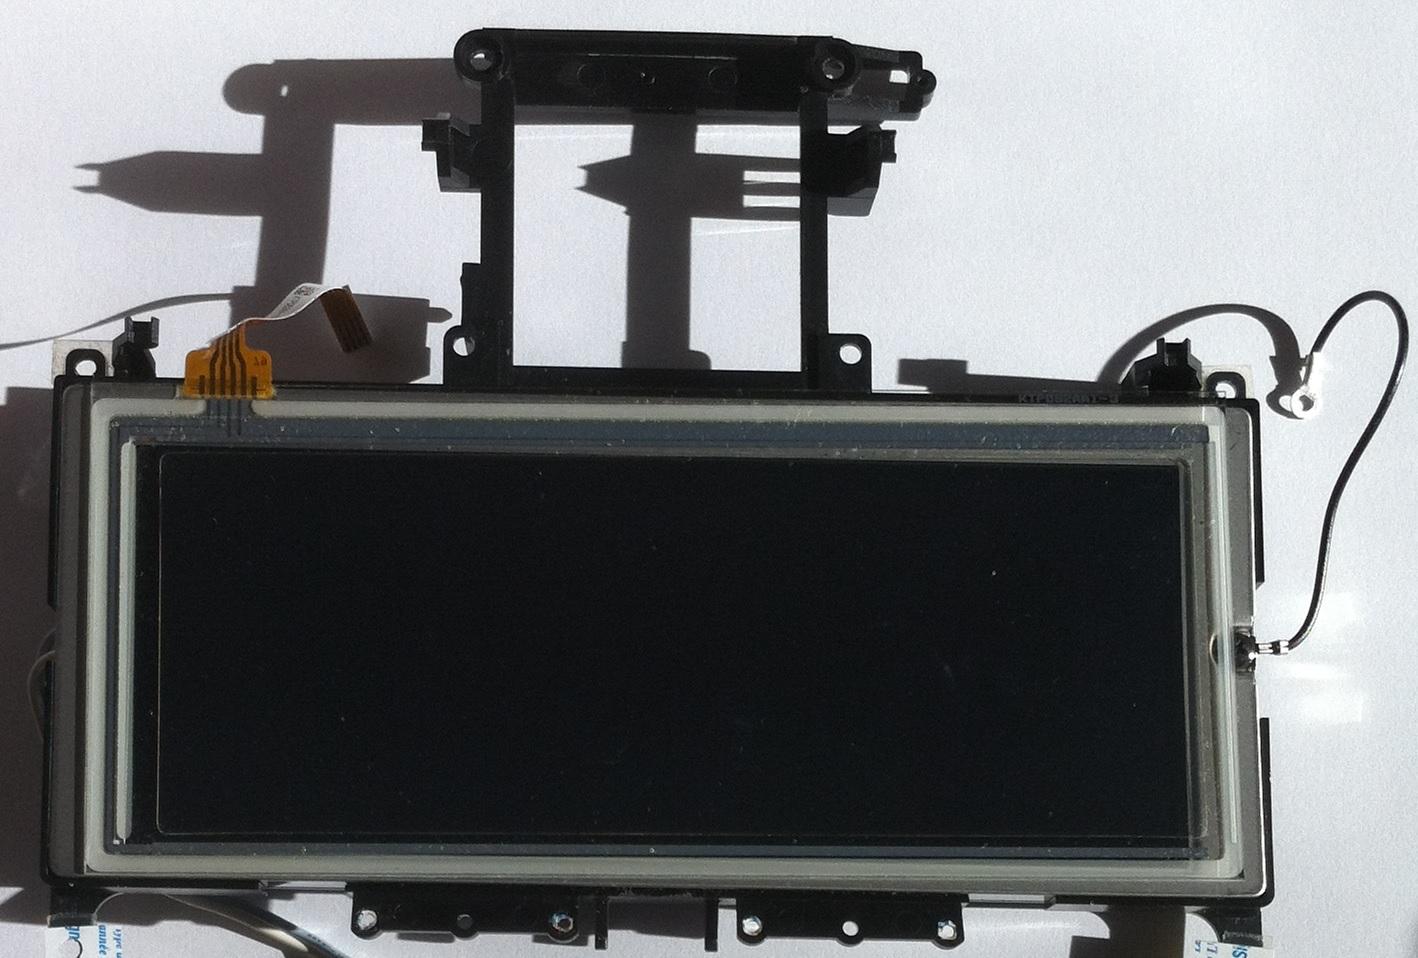 Carna 39 vol modernisation r tro clairage ecran tactile couleur for Eclairage ecran pc